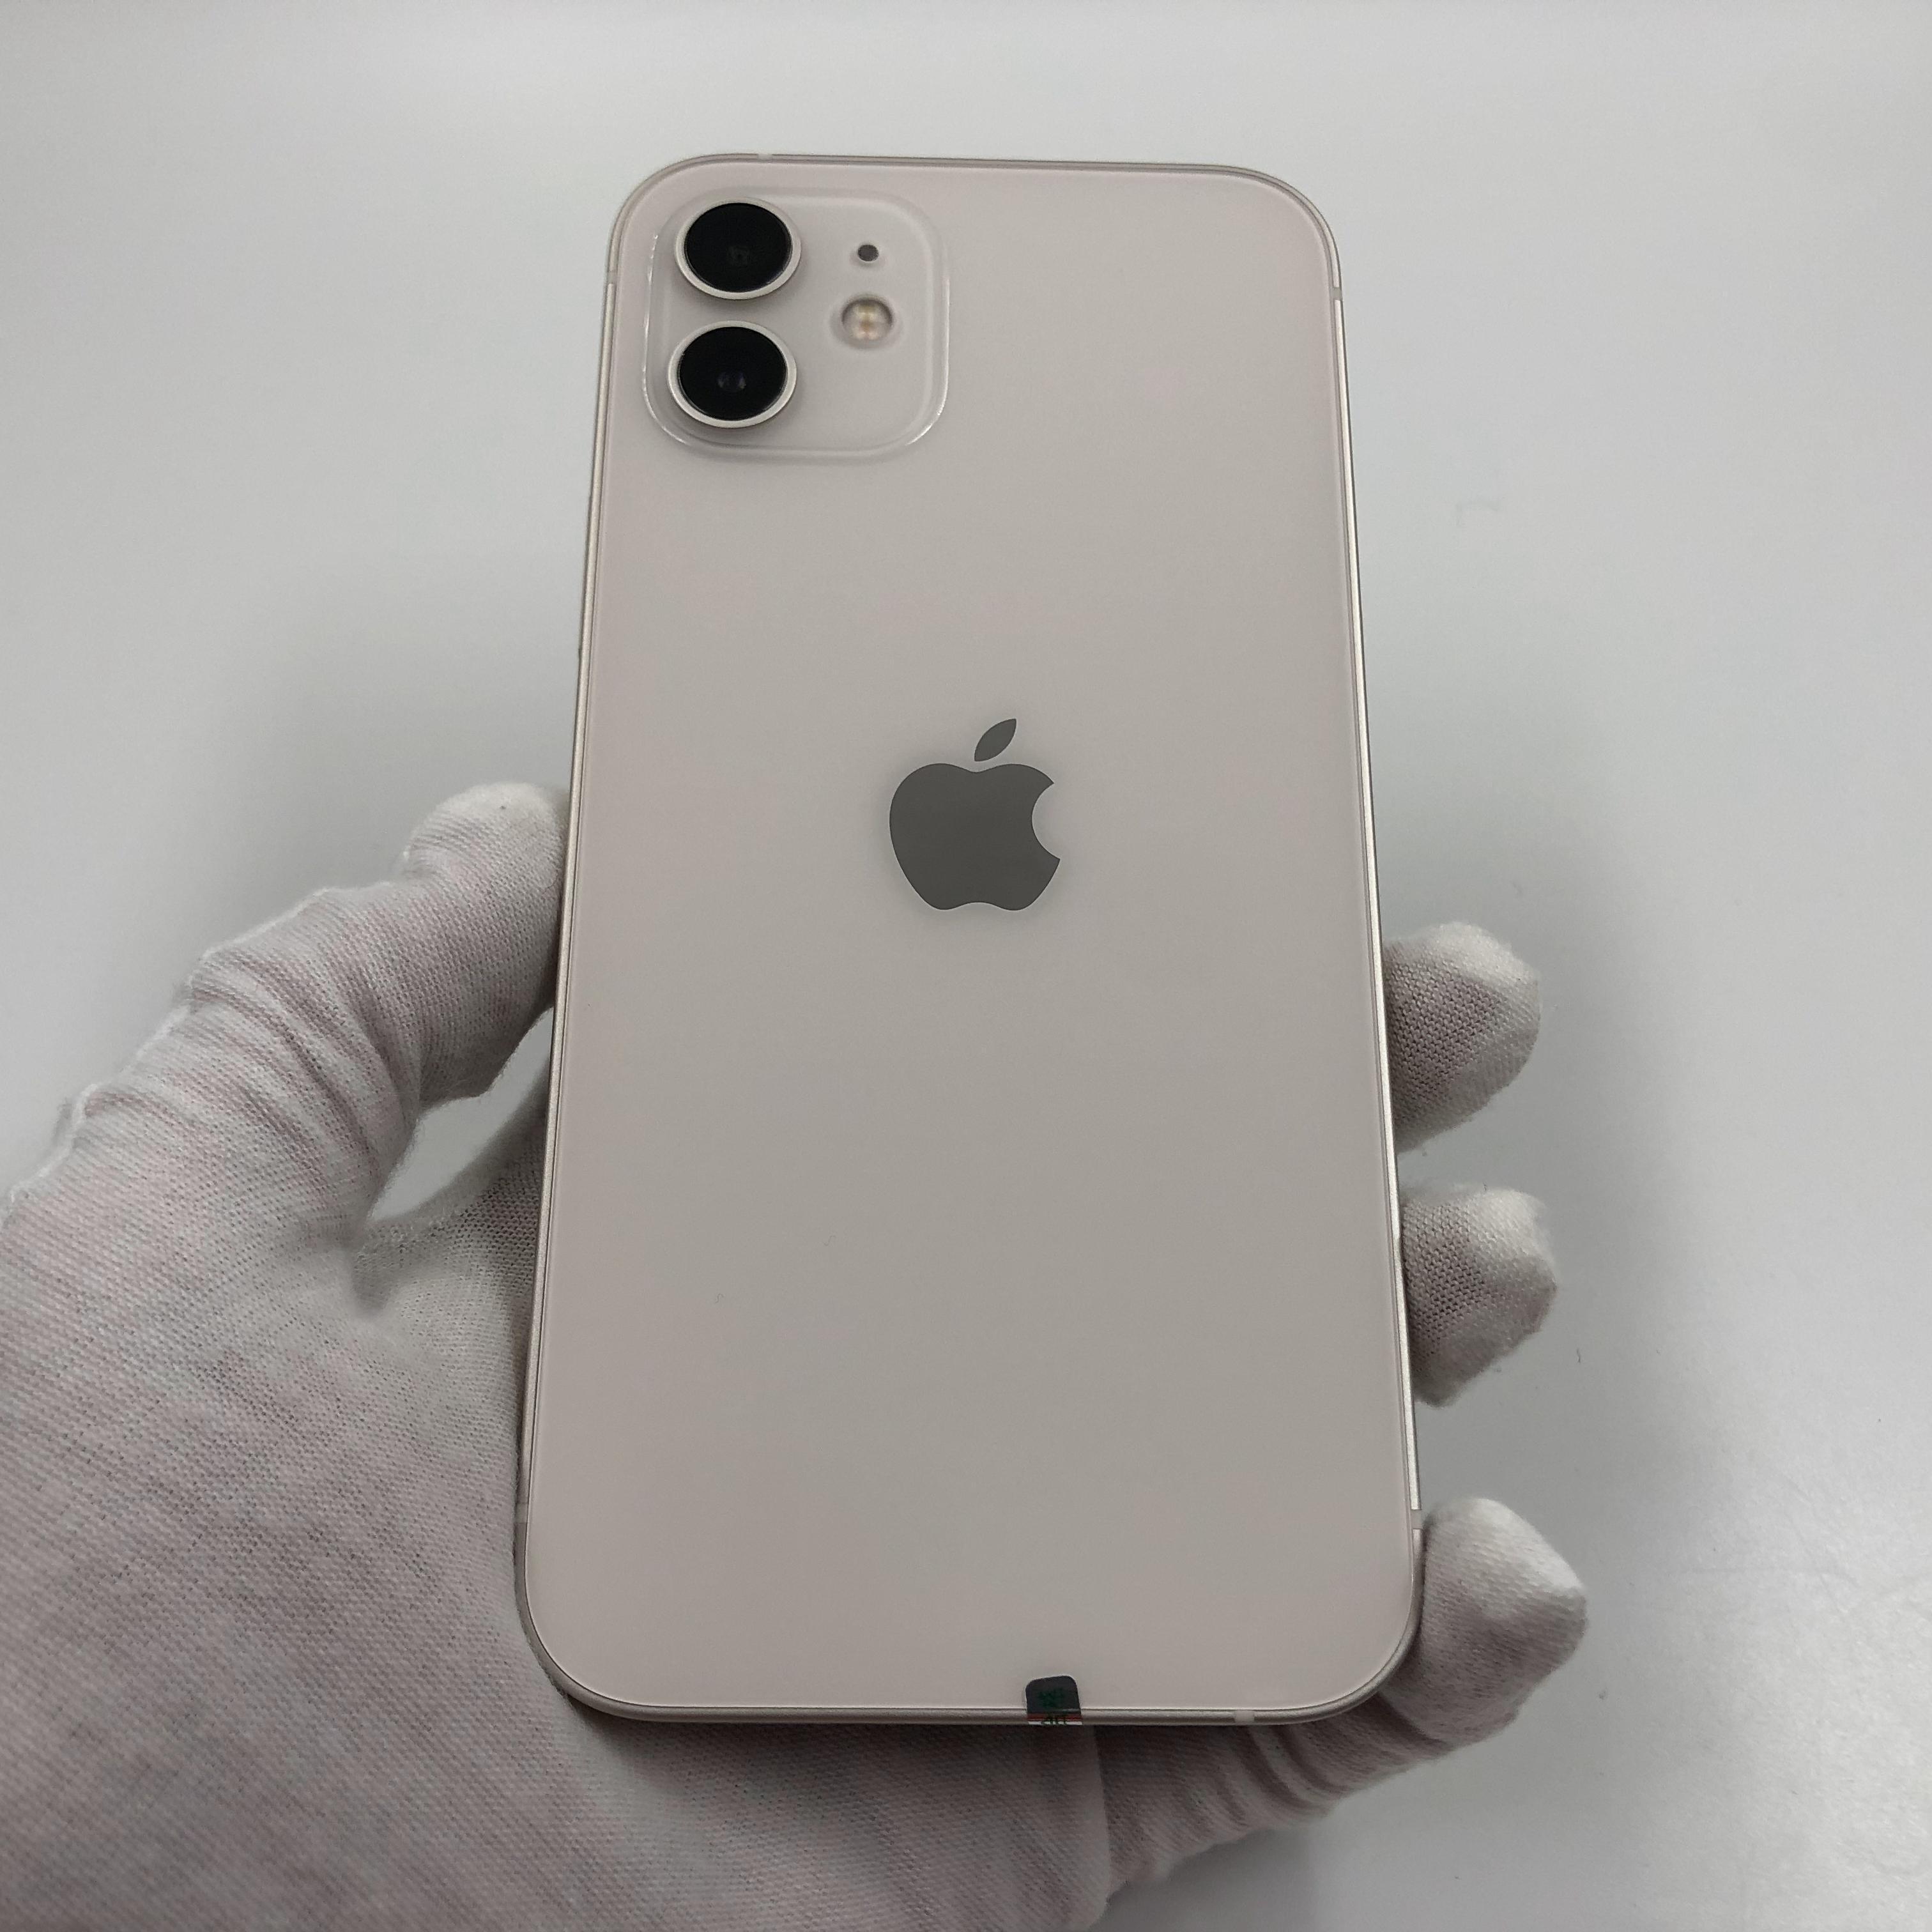 苹果【iPhone 12】5G全网通 白色 64G 国行 99新 真机实拍官保2022-07-01